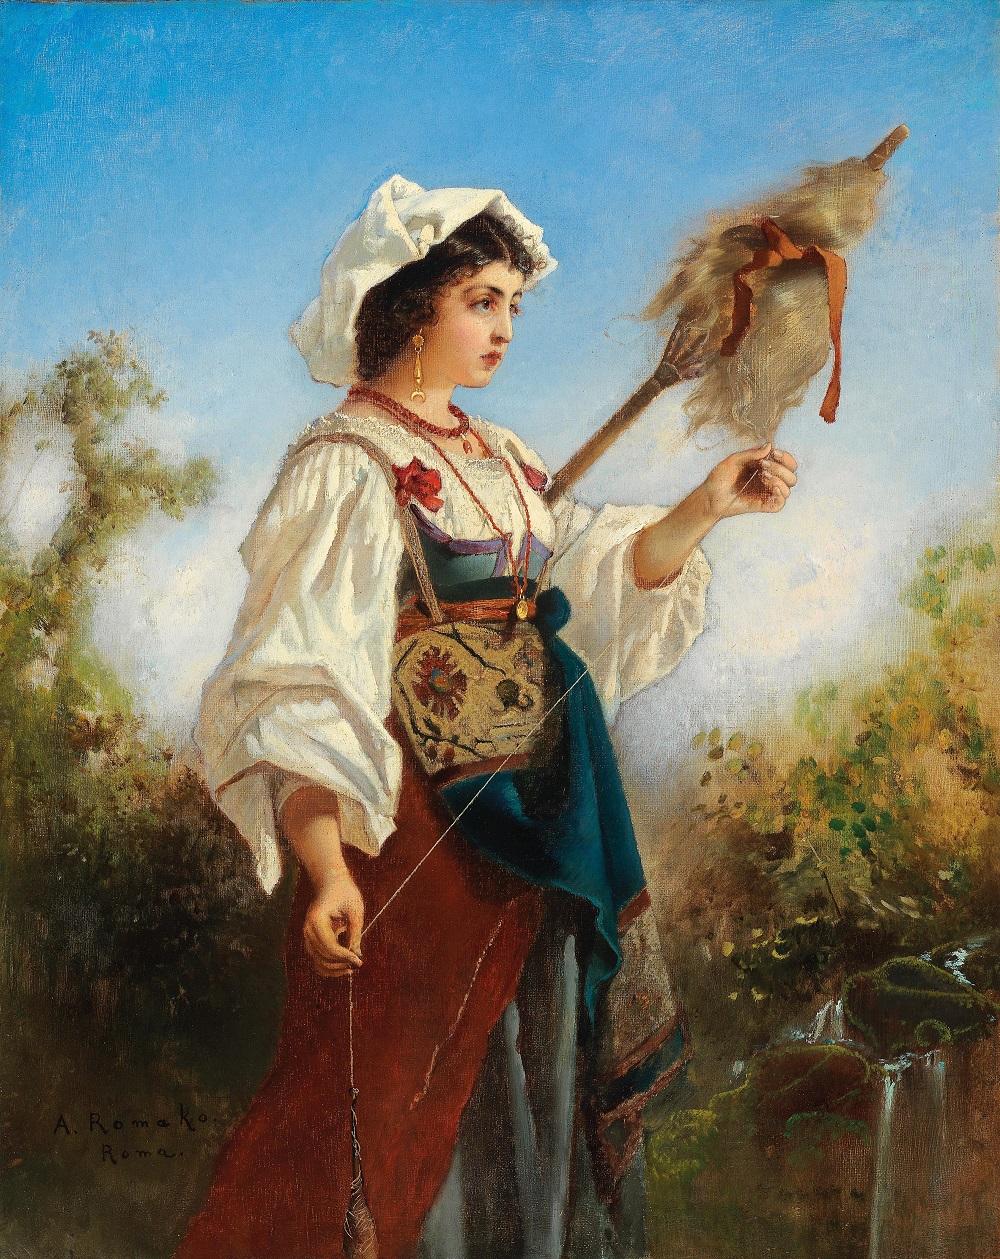 Anton Romako (Atzgersdorf 1832-1889 Vienna) Roman Girl Spinning